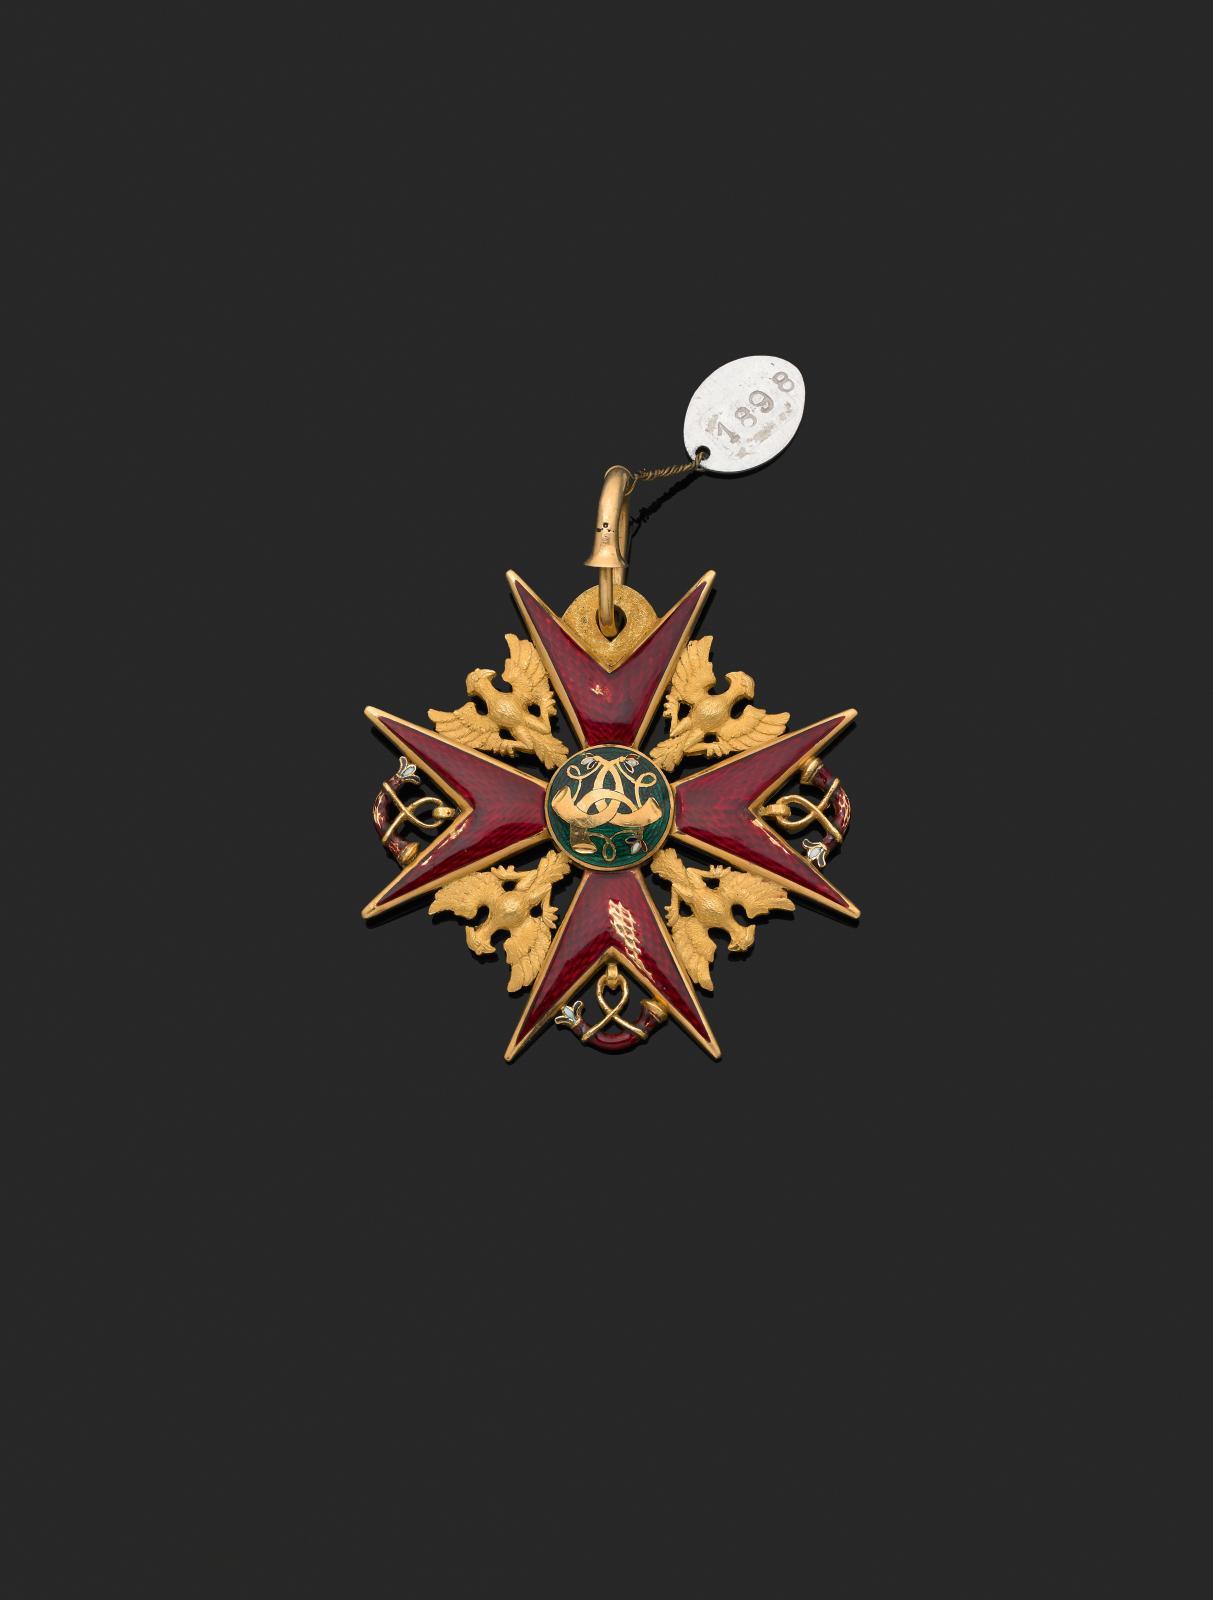 Royaume de Wurtemberg, ordre de la Chasse fondé en1702, devenu ordre de l'Aigle d'or en1807, bijou de chevalier de l'ordre de la Chasse